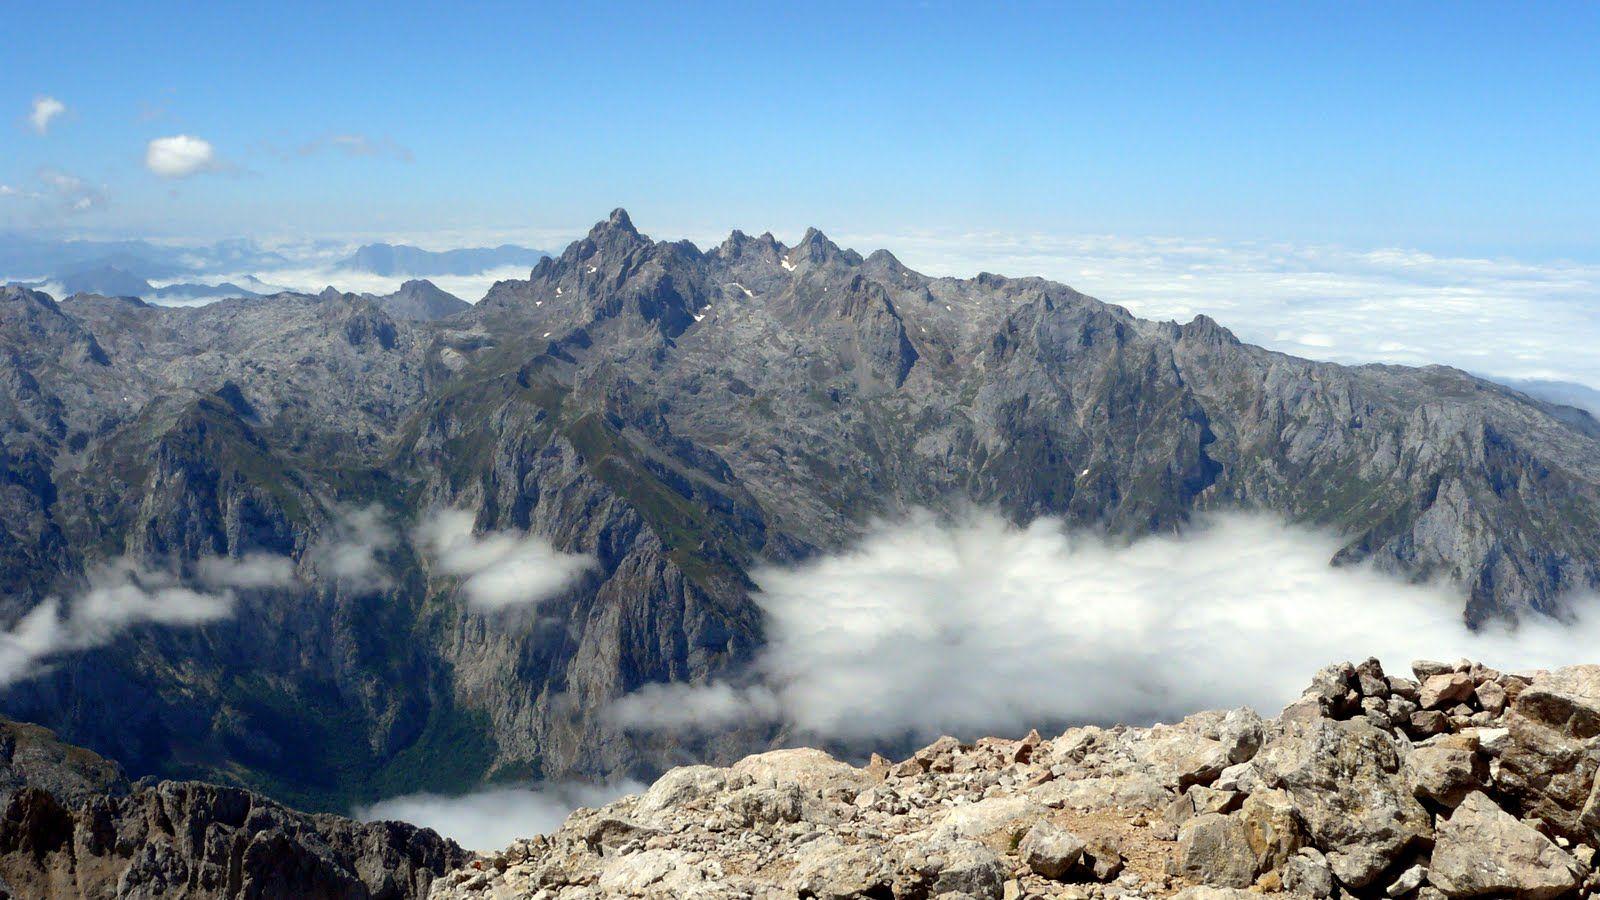 Vista desde desde la cima del Torrecerredo,techo de los Picos  y de Asturias.